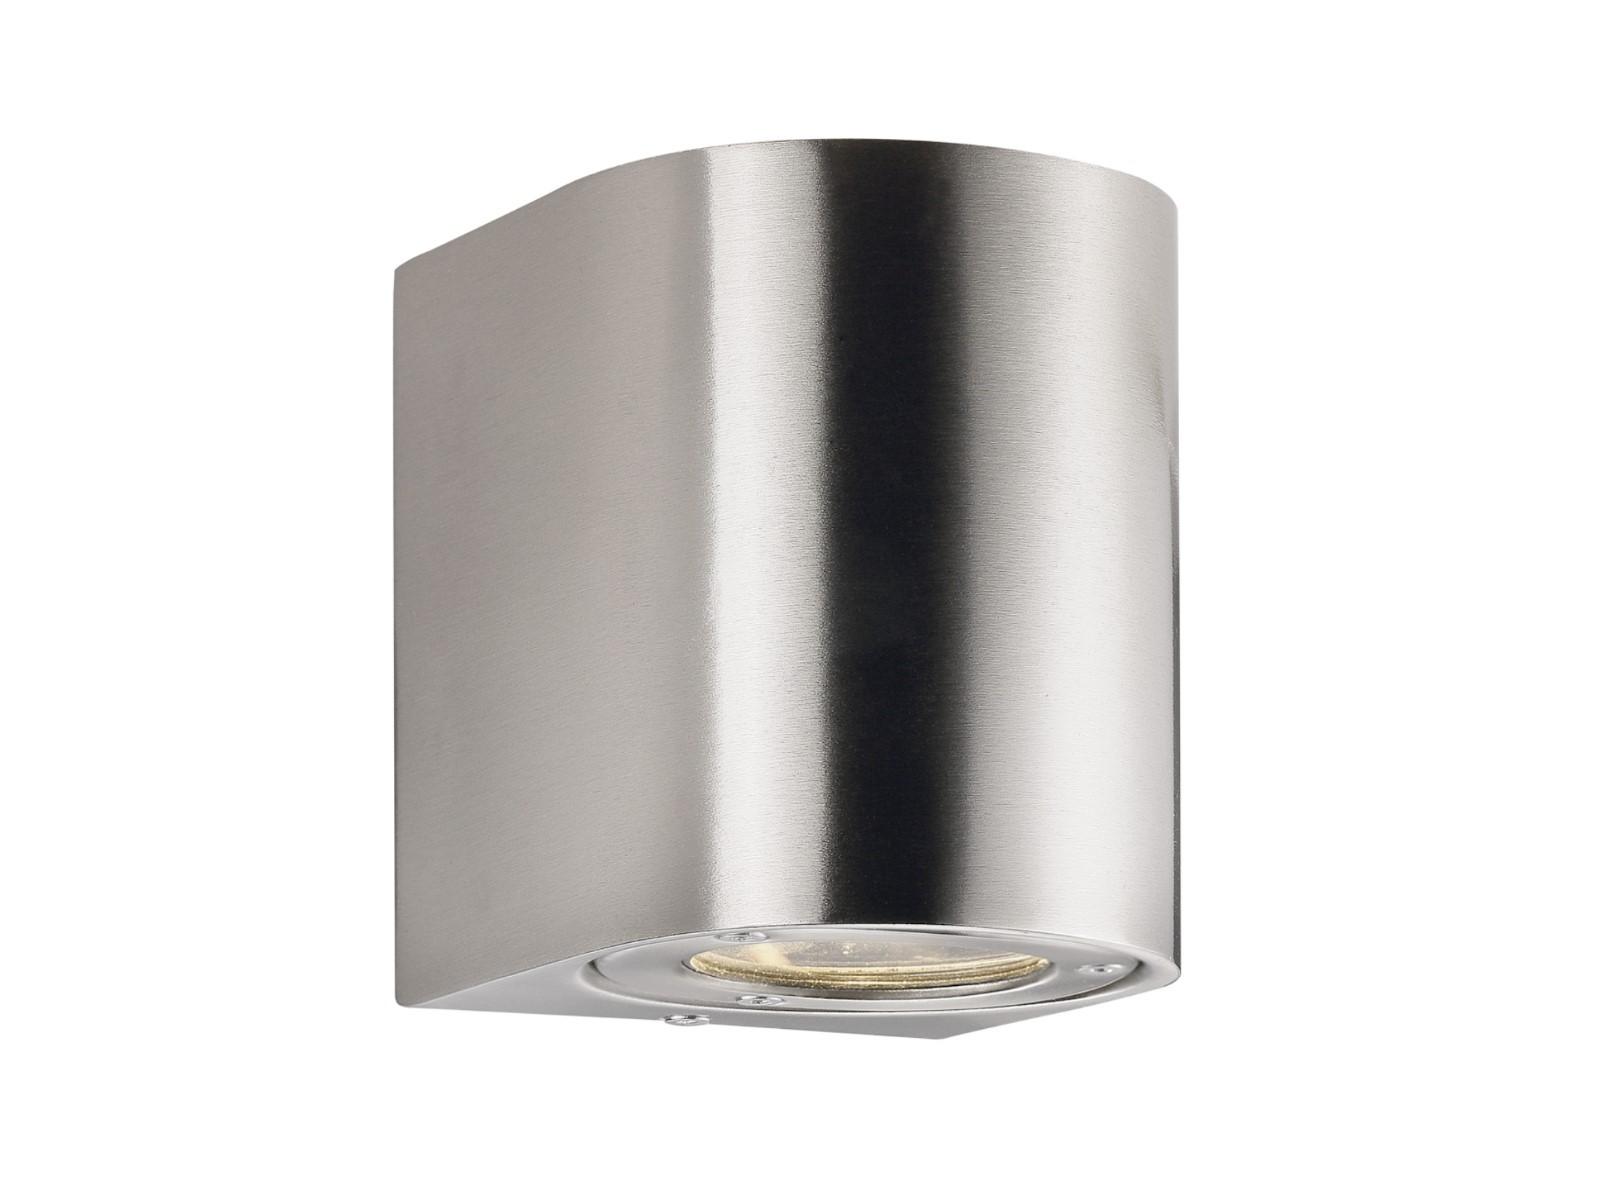 led au enleuchte wandleuchte edelstahl up amp downlight led wandleuchte lampe leuchte. Black Bedroom Furniture Sets. Home Design Ideas